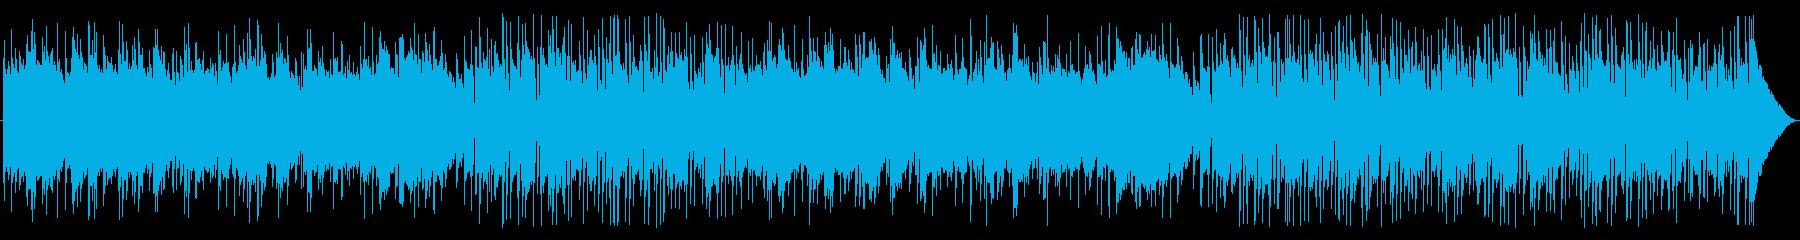 優しいソフトポップフォークの再生済みの波形